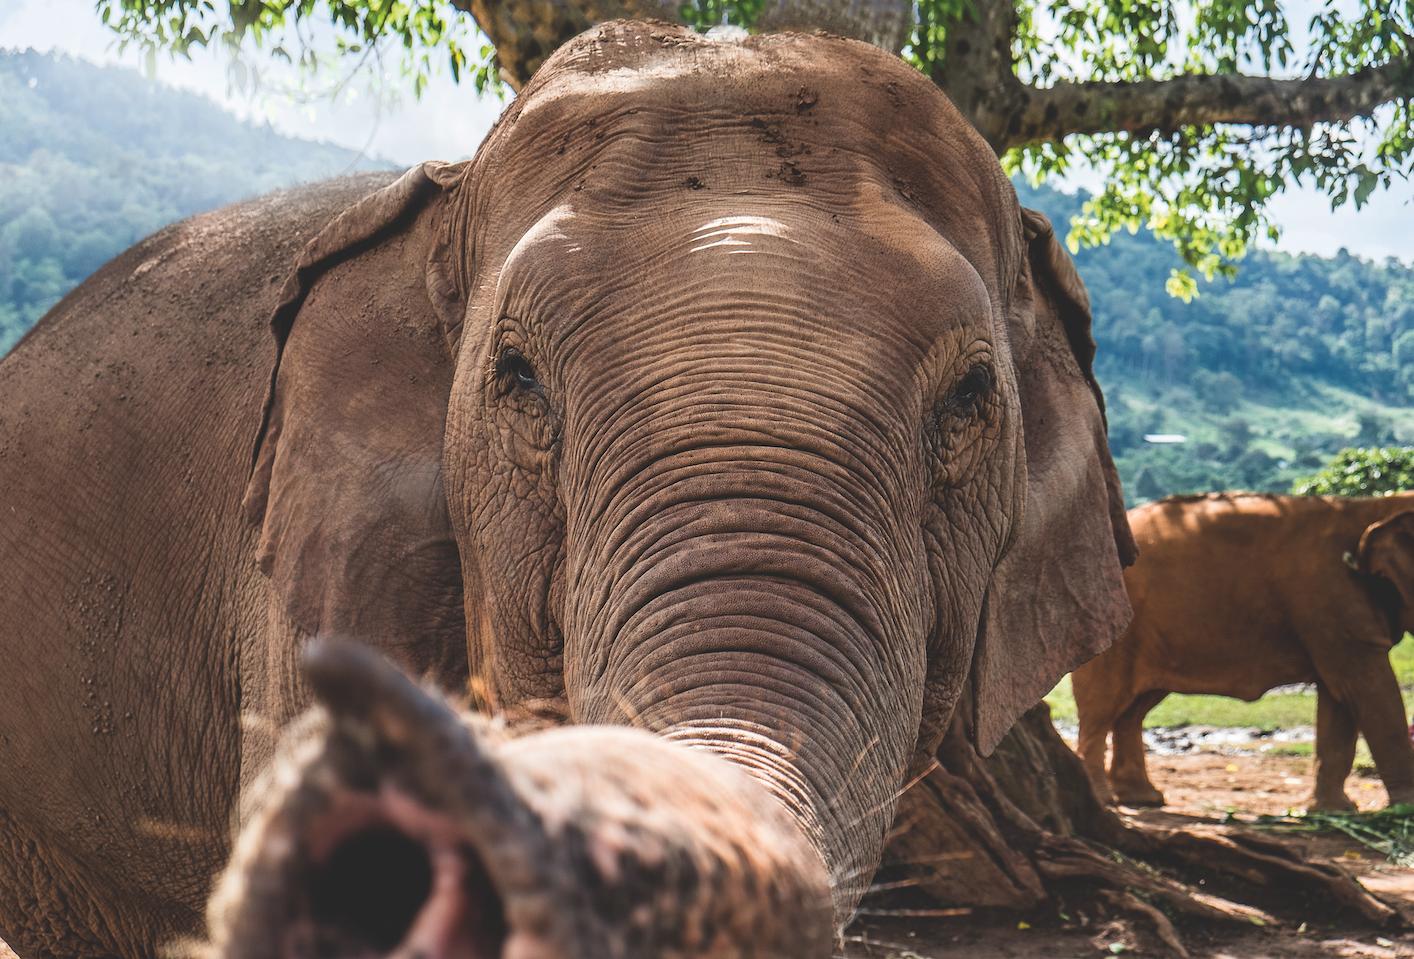 Elefanten in Thailand: Keine Scheu vor der Kamera: Die meisten der Tiere im Park wurden füher mit grausamen Methoden abgerichtet. Hier lernen sie, sich nicht mehr zu fürchten.